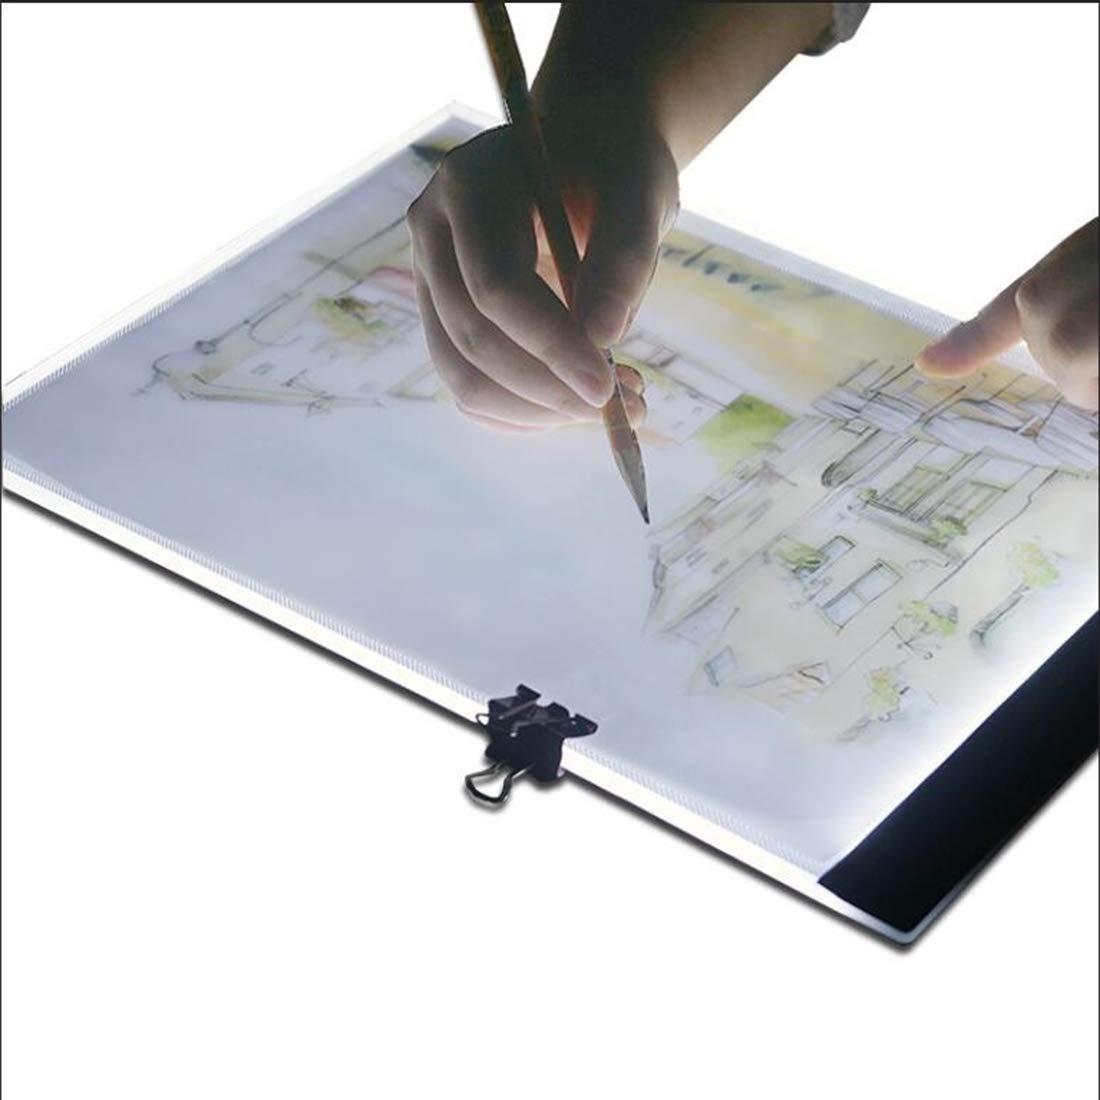 Bella Cartella USB portatile ultra-sottile formato A4, artigianato LED che traccia la stampa del modello di scatola luminosa, adatto per disegnare il disegno.